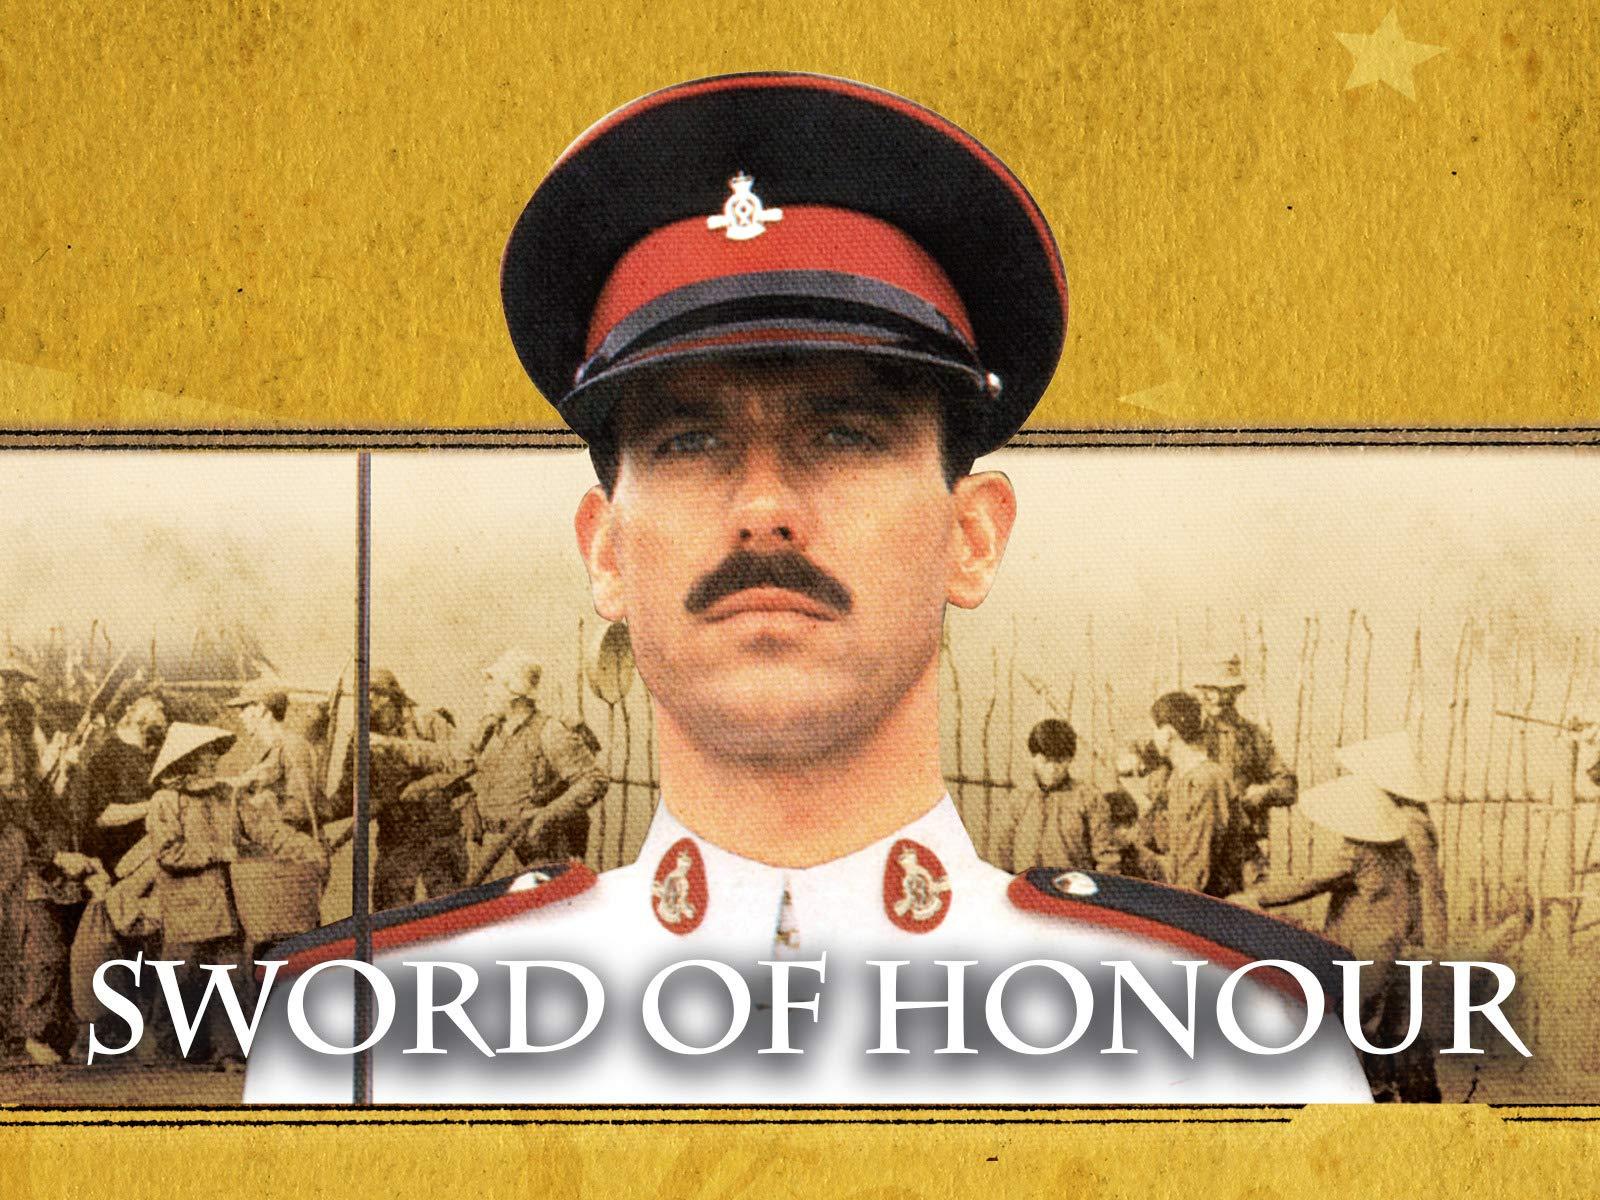 Sword of Honour - Season 1